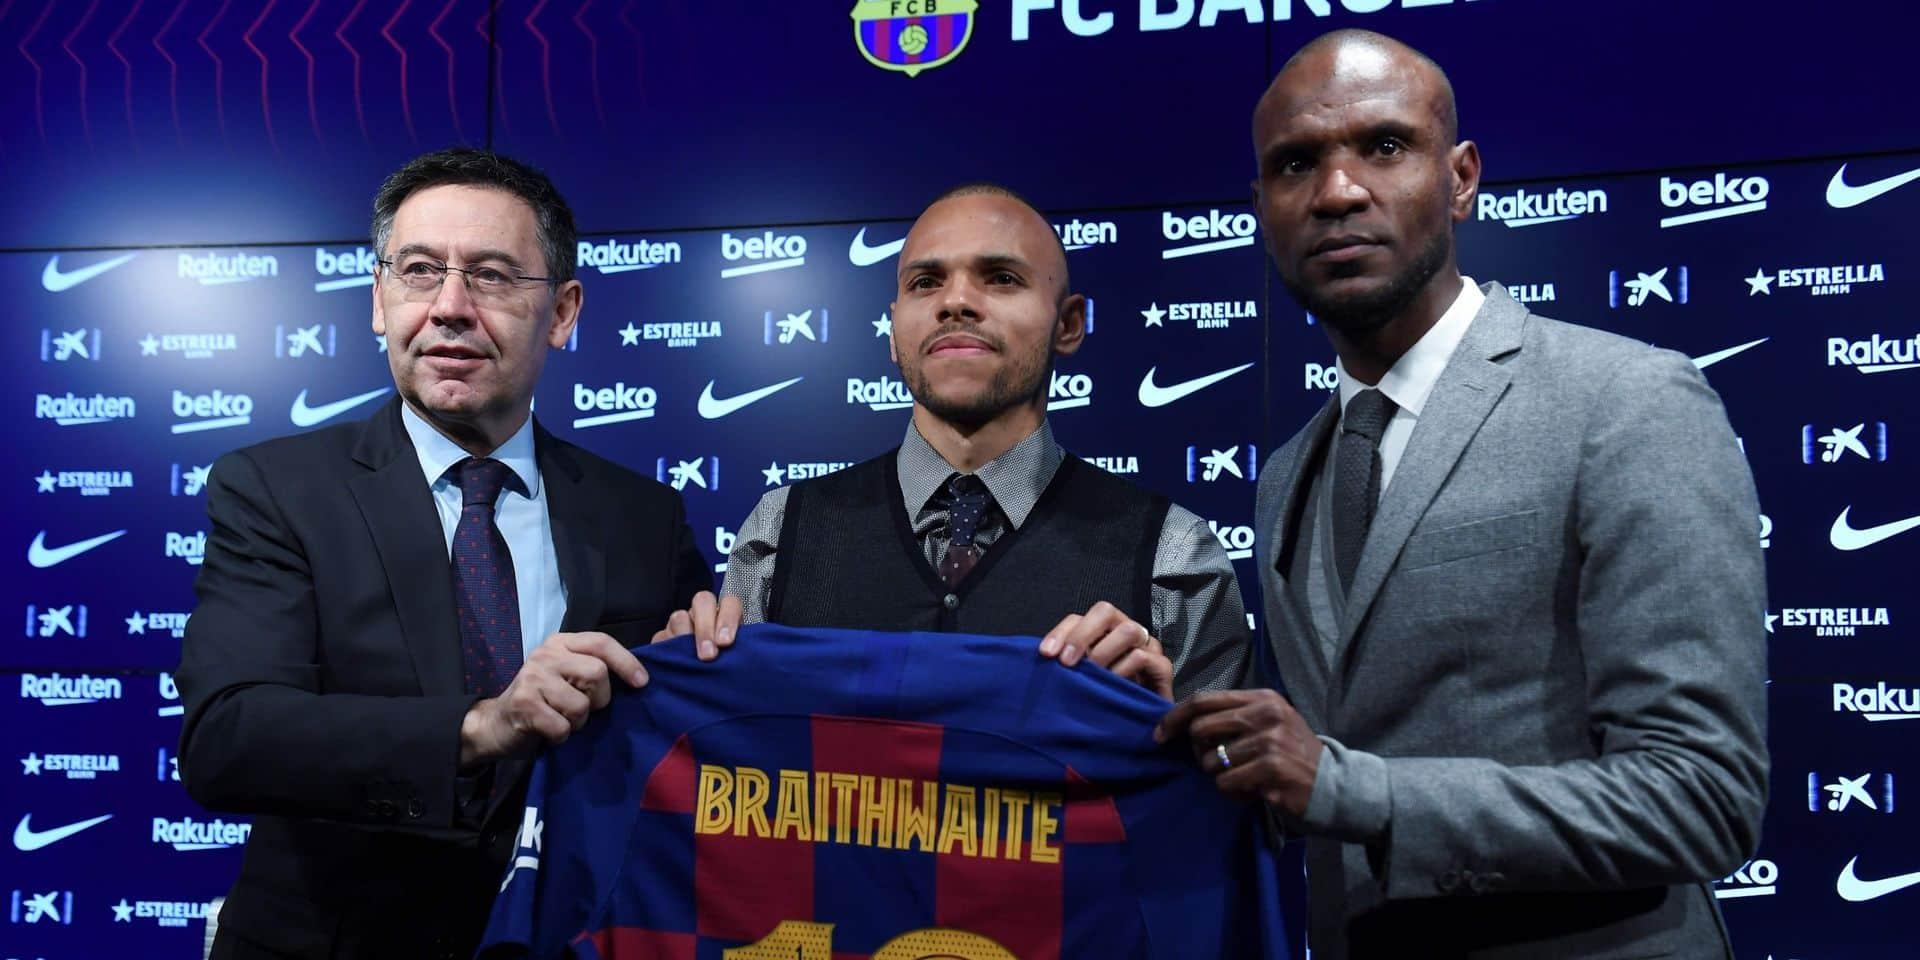 Braithwaite au Barça: ce qui se cache derrière le transfert le plus bizarre de l'année